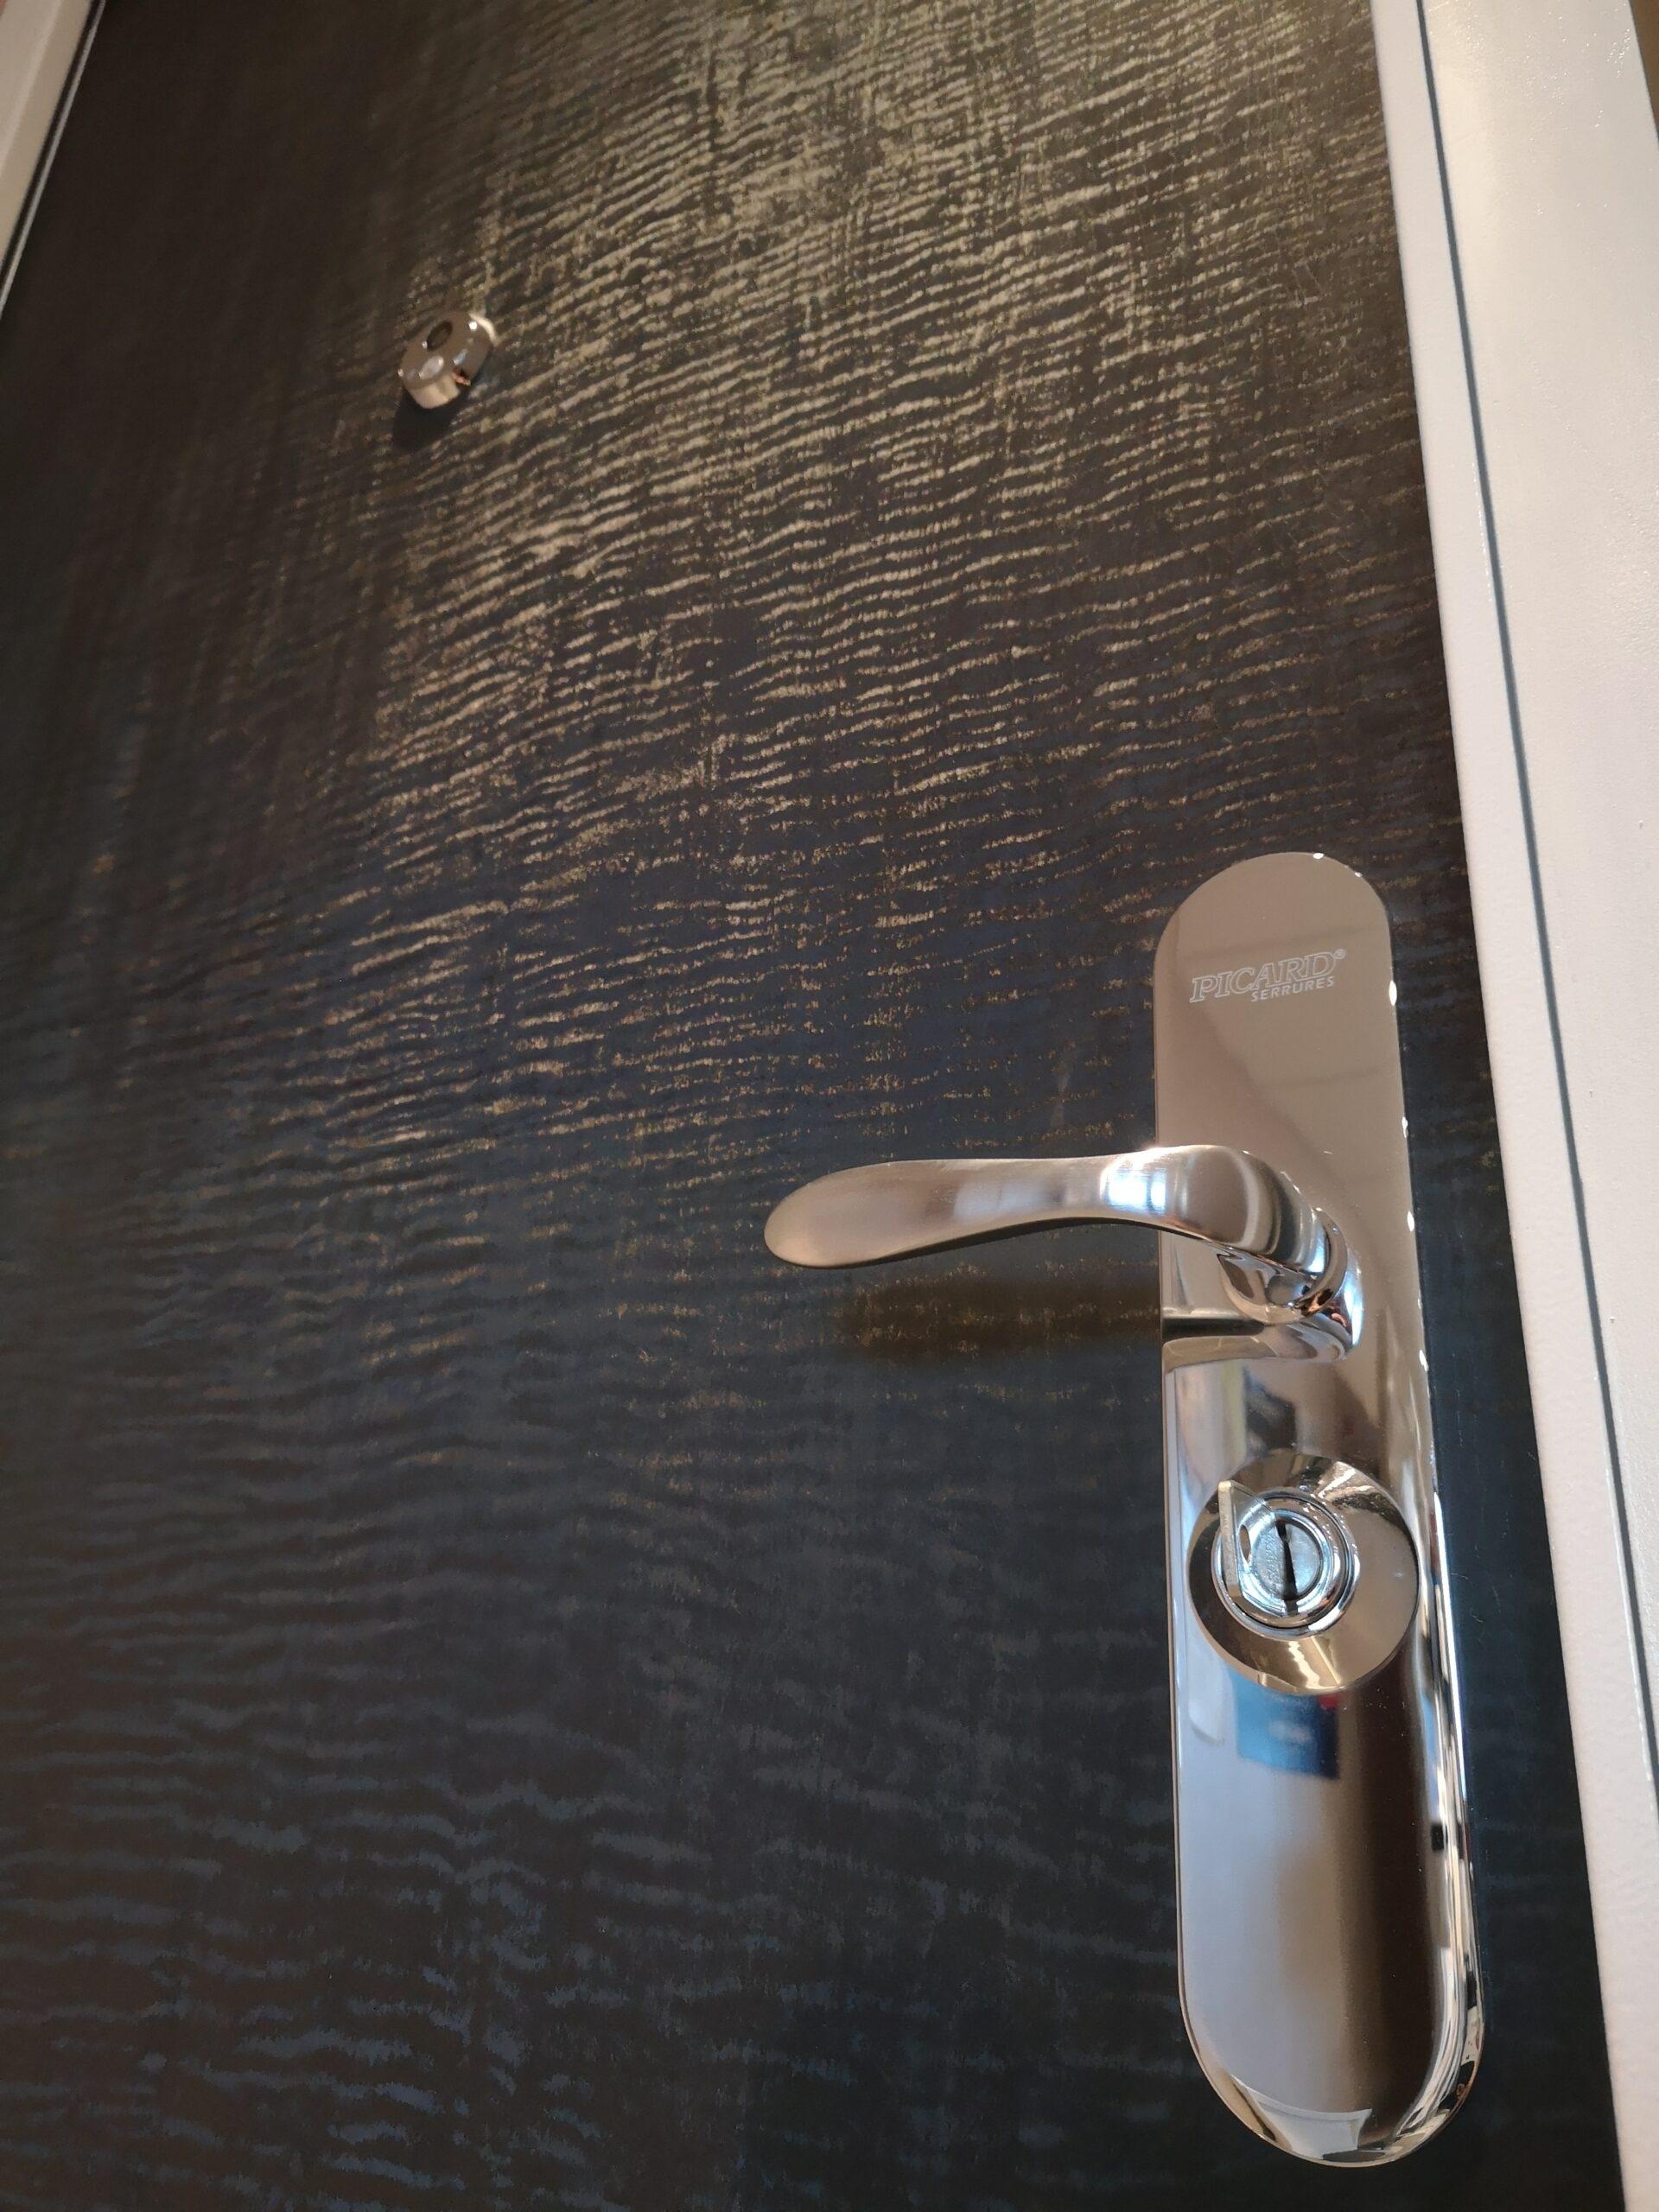 Porte coupe-feu blindee-de-sécurité-coupe-feu-ei-30-certifiée-picard-diamant-rennes-cesson-sévigne